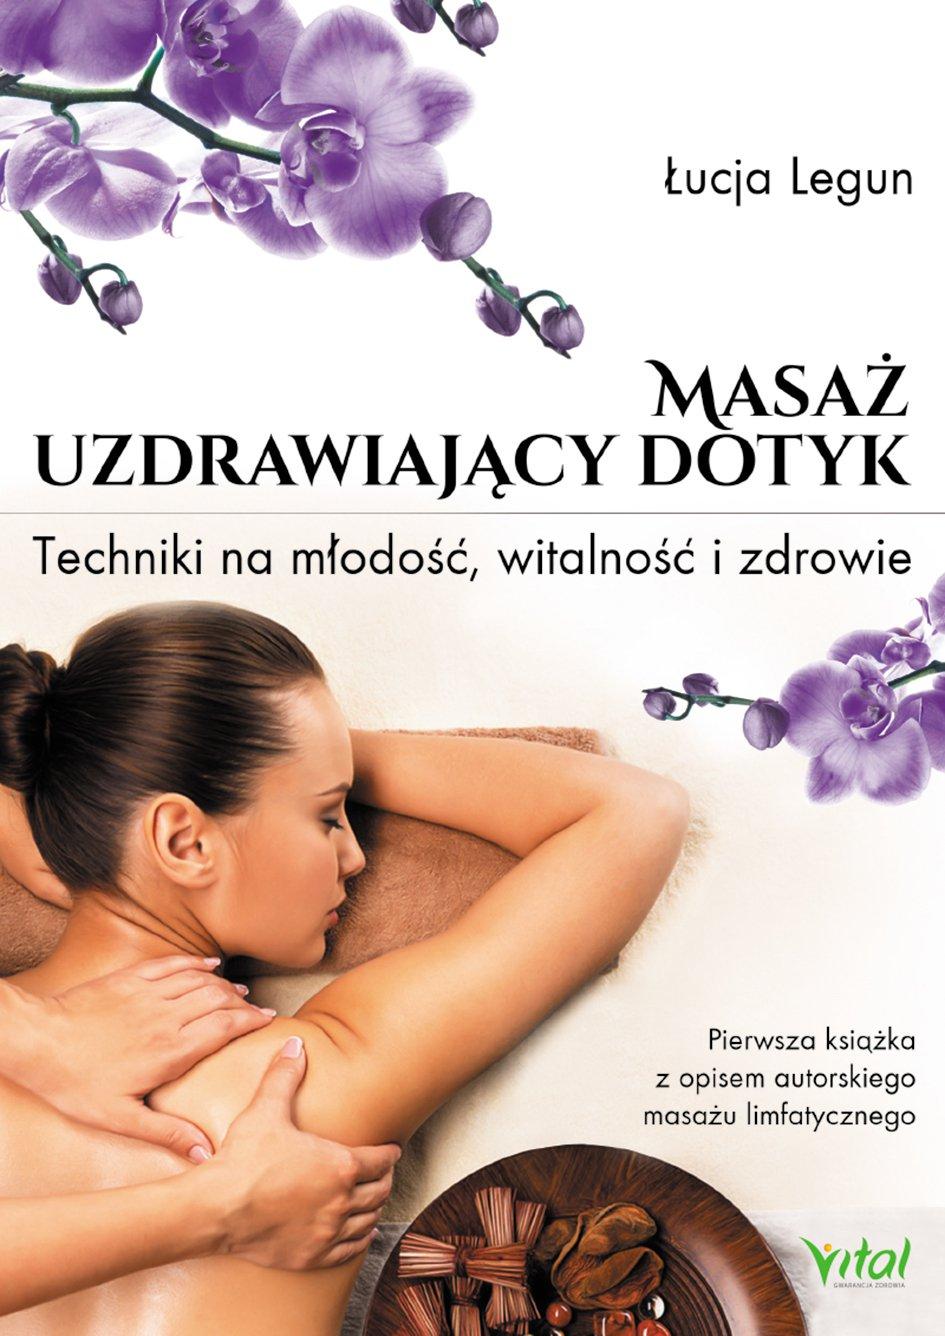 Masaż - uzdrawiający dotyk. Techniki na młodość, witalność i zdrowie - Ebook (Książka na Kindle) do pobrania w formacie MOBI